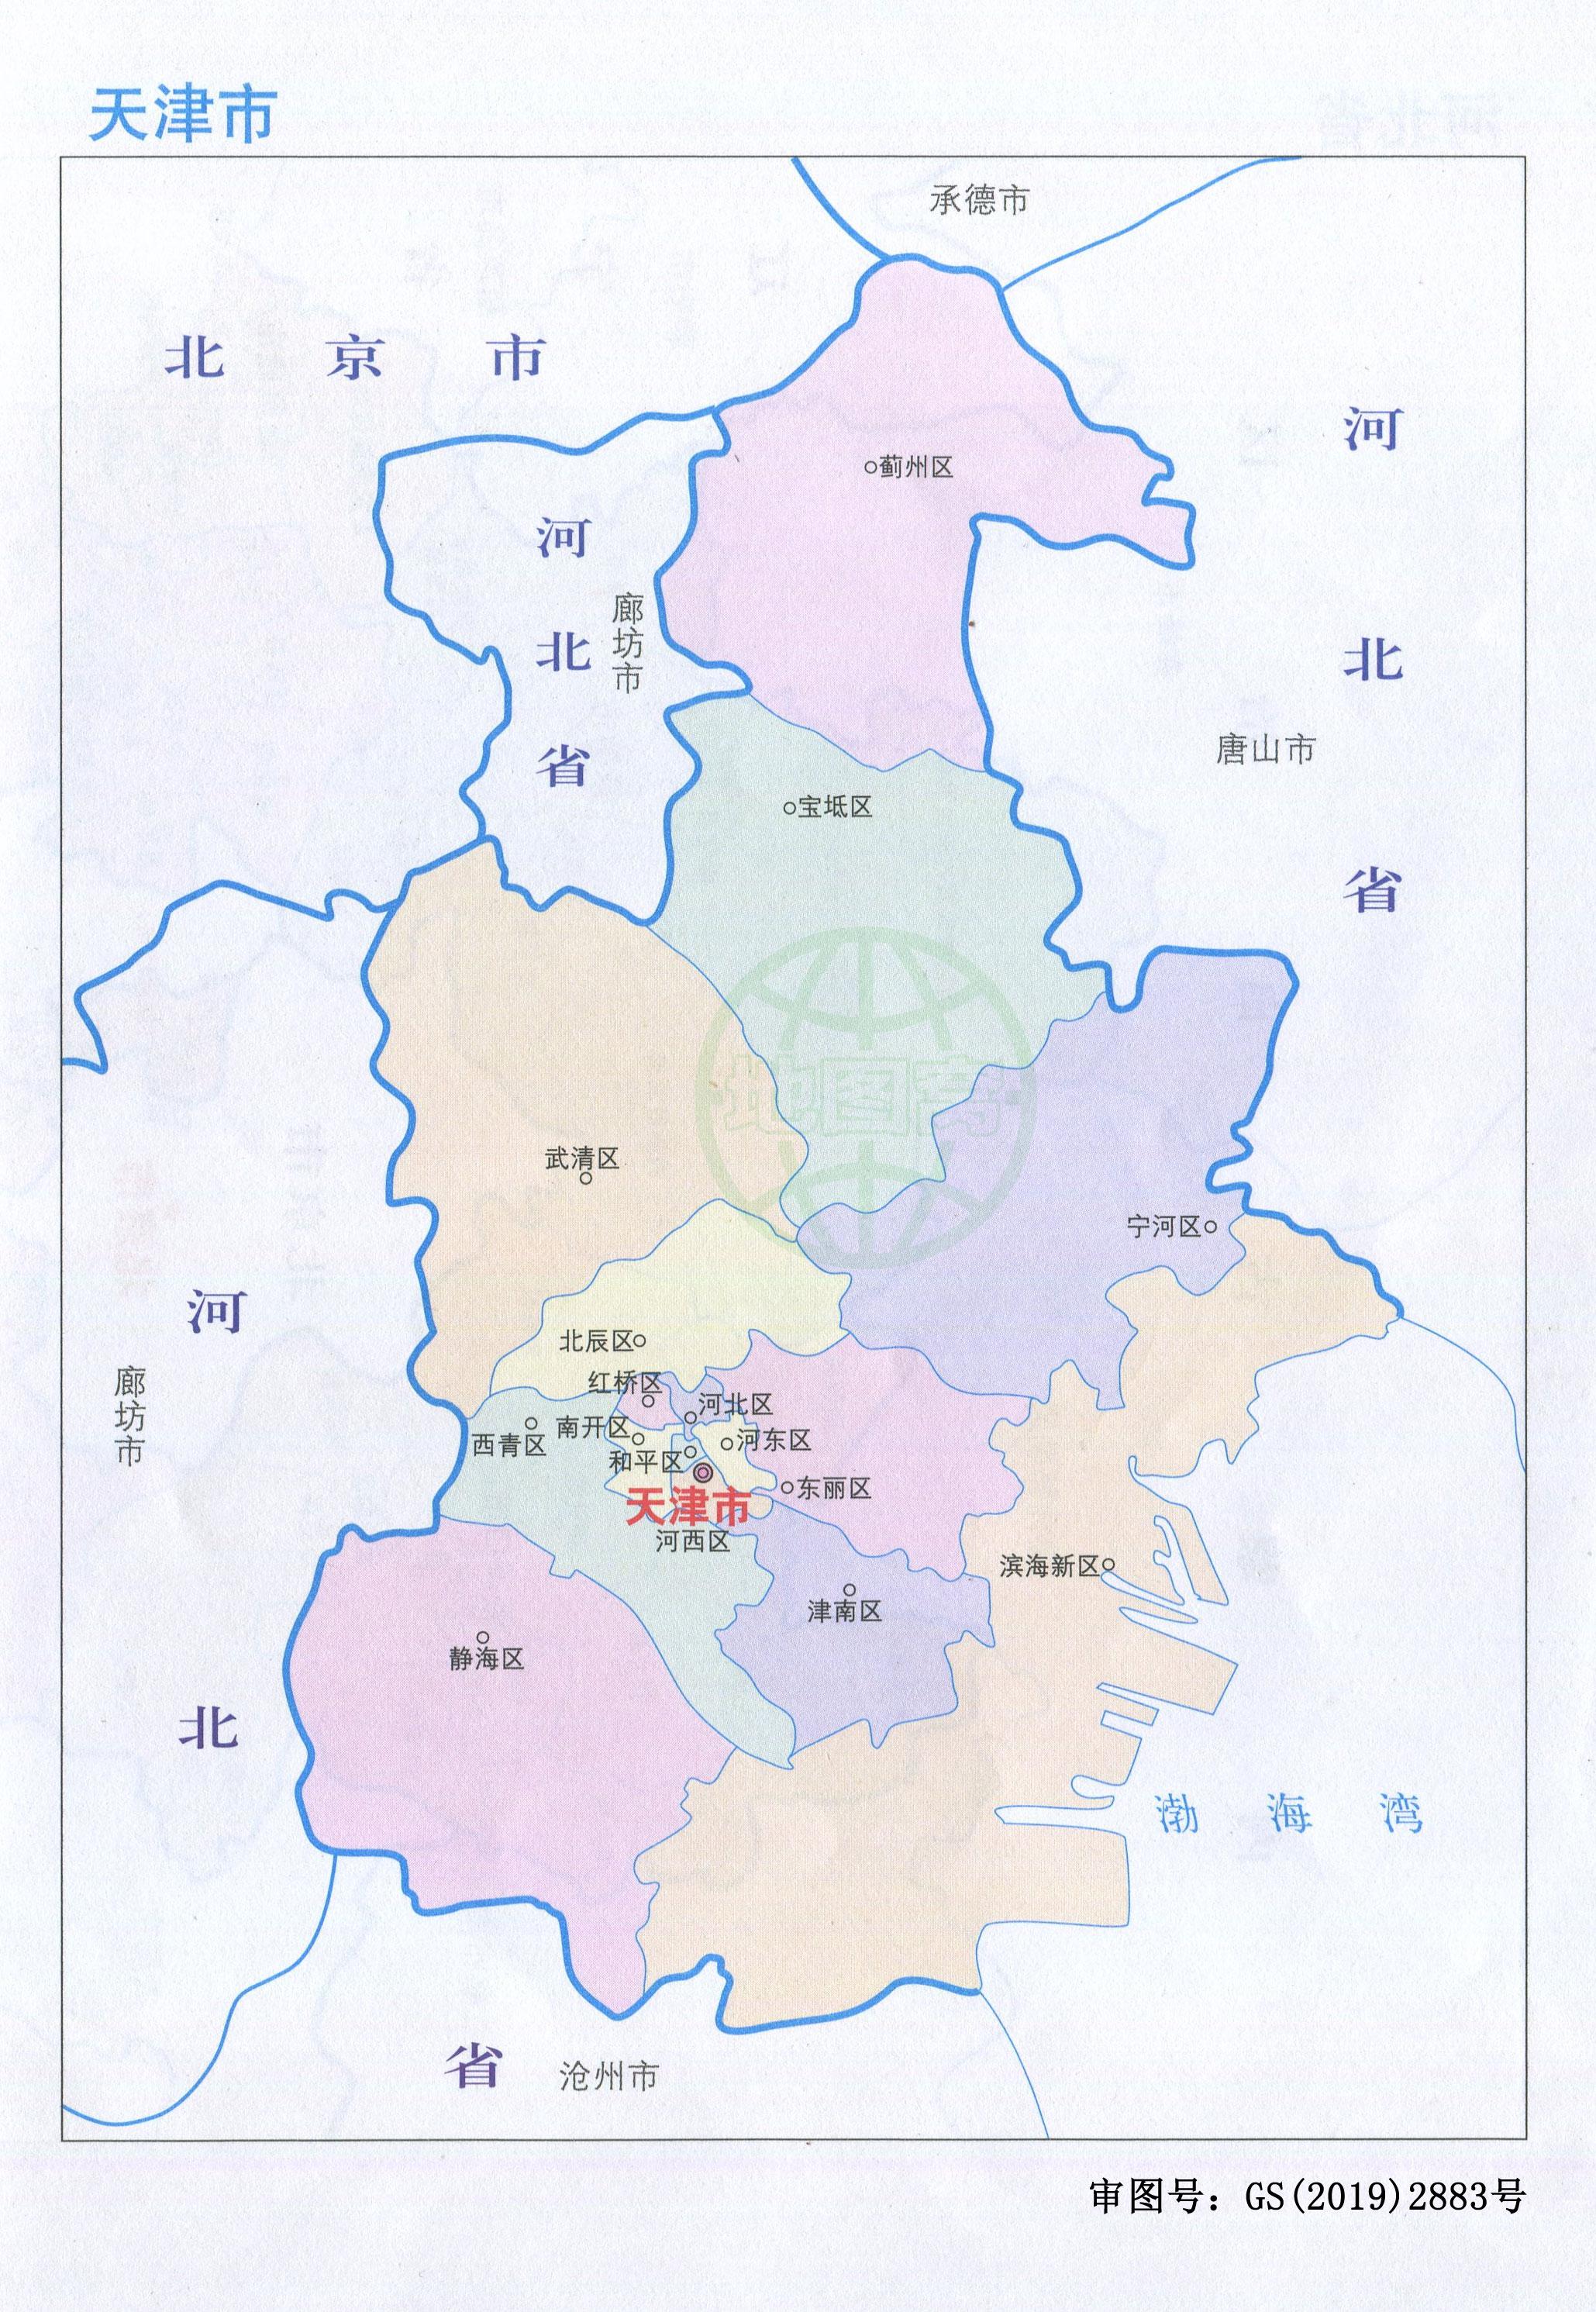 新疆行政区划图_天津市行政区划图+行政统计表(2019)_天津地图库_地图窝